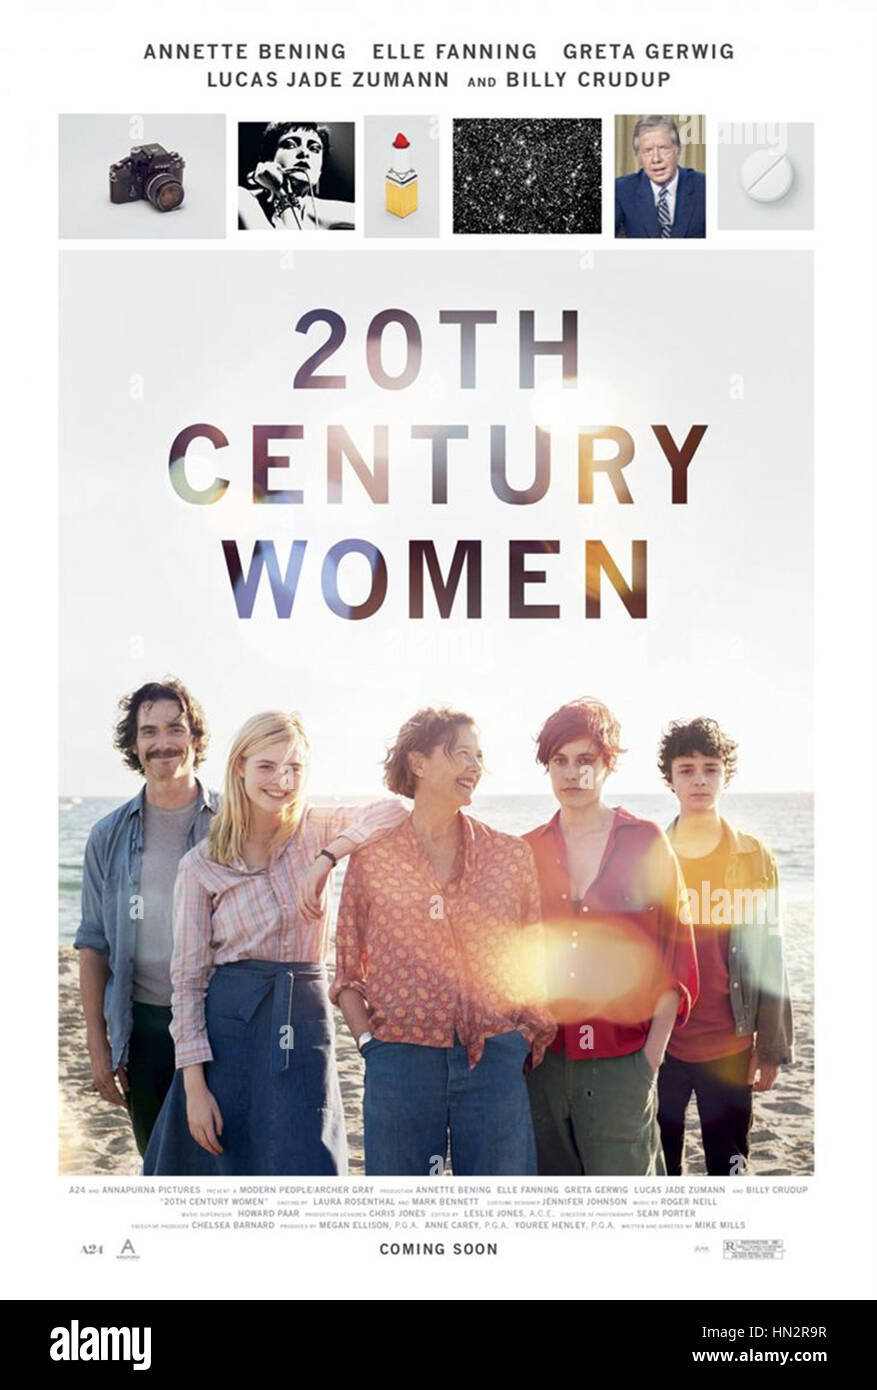 Las mujeres del siglo XX (2016), Mike Mills (dir) annapurna pictures/moviestore colección ltd Imagen De Stock